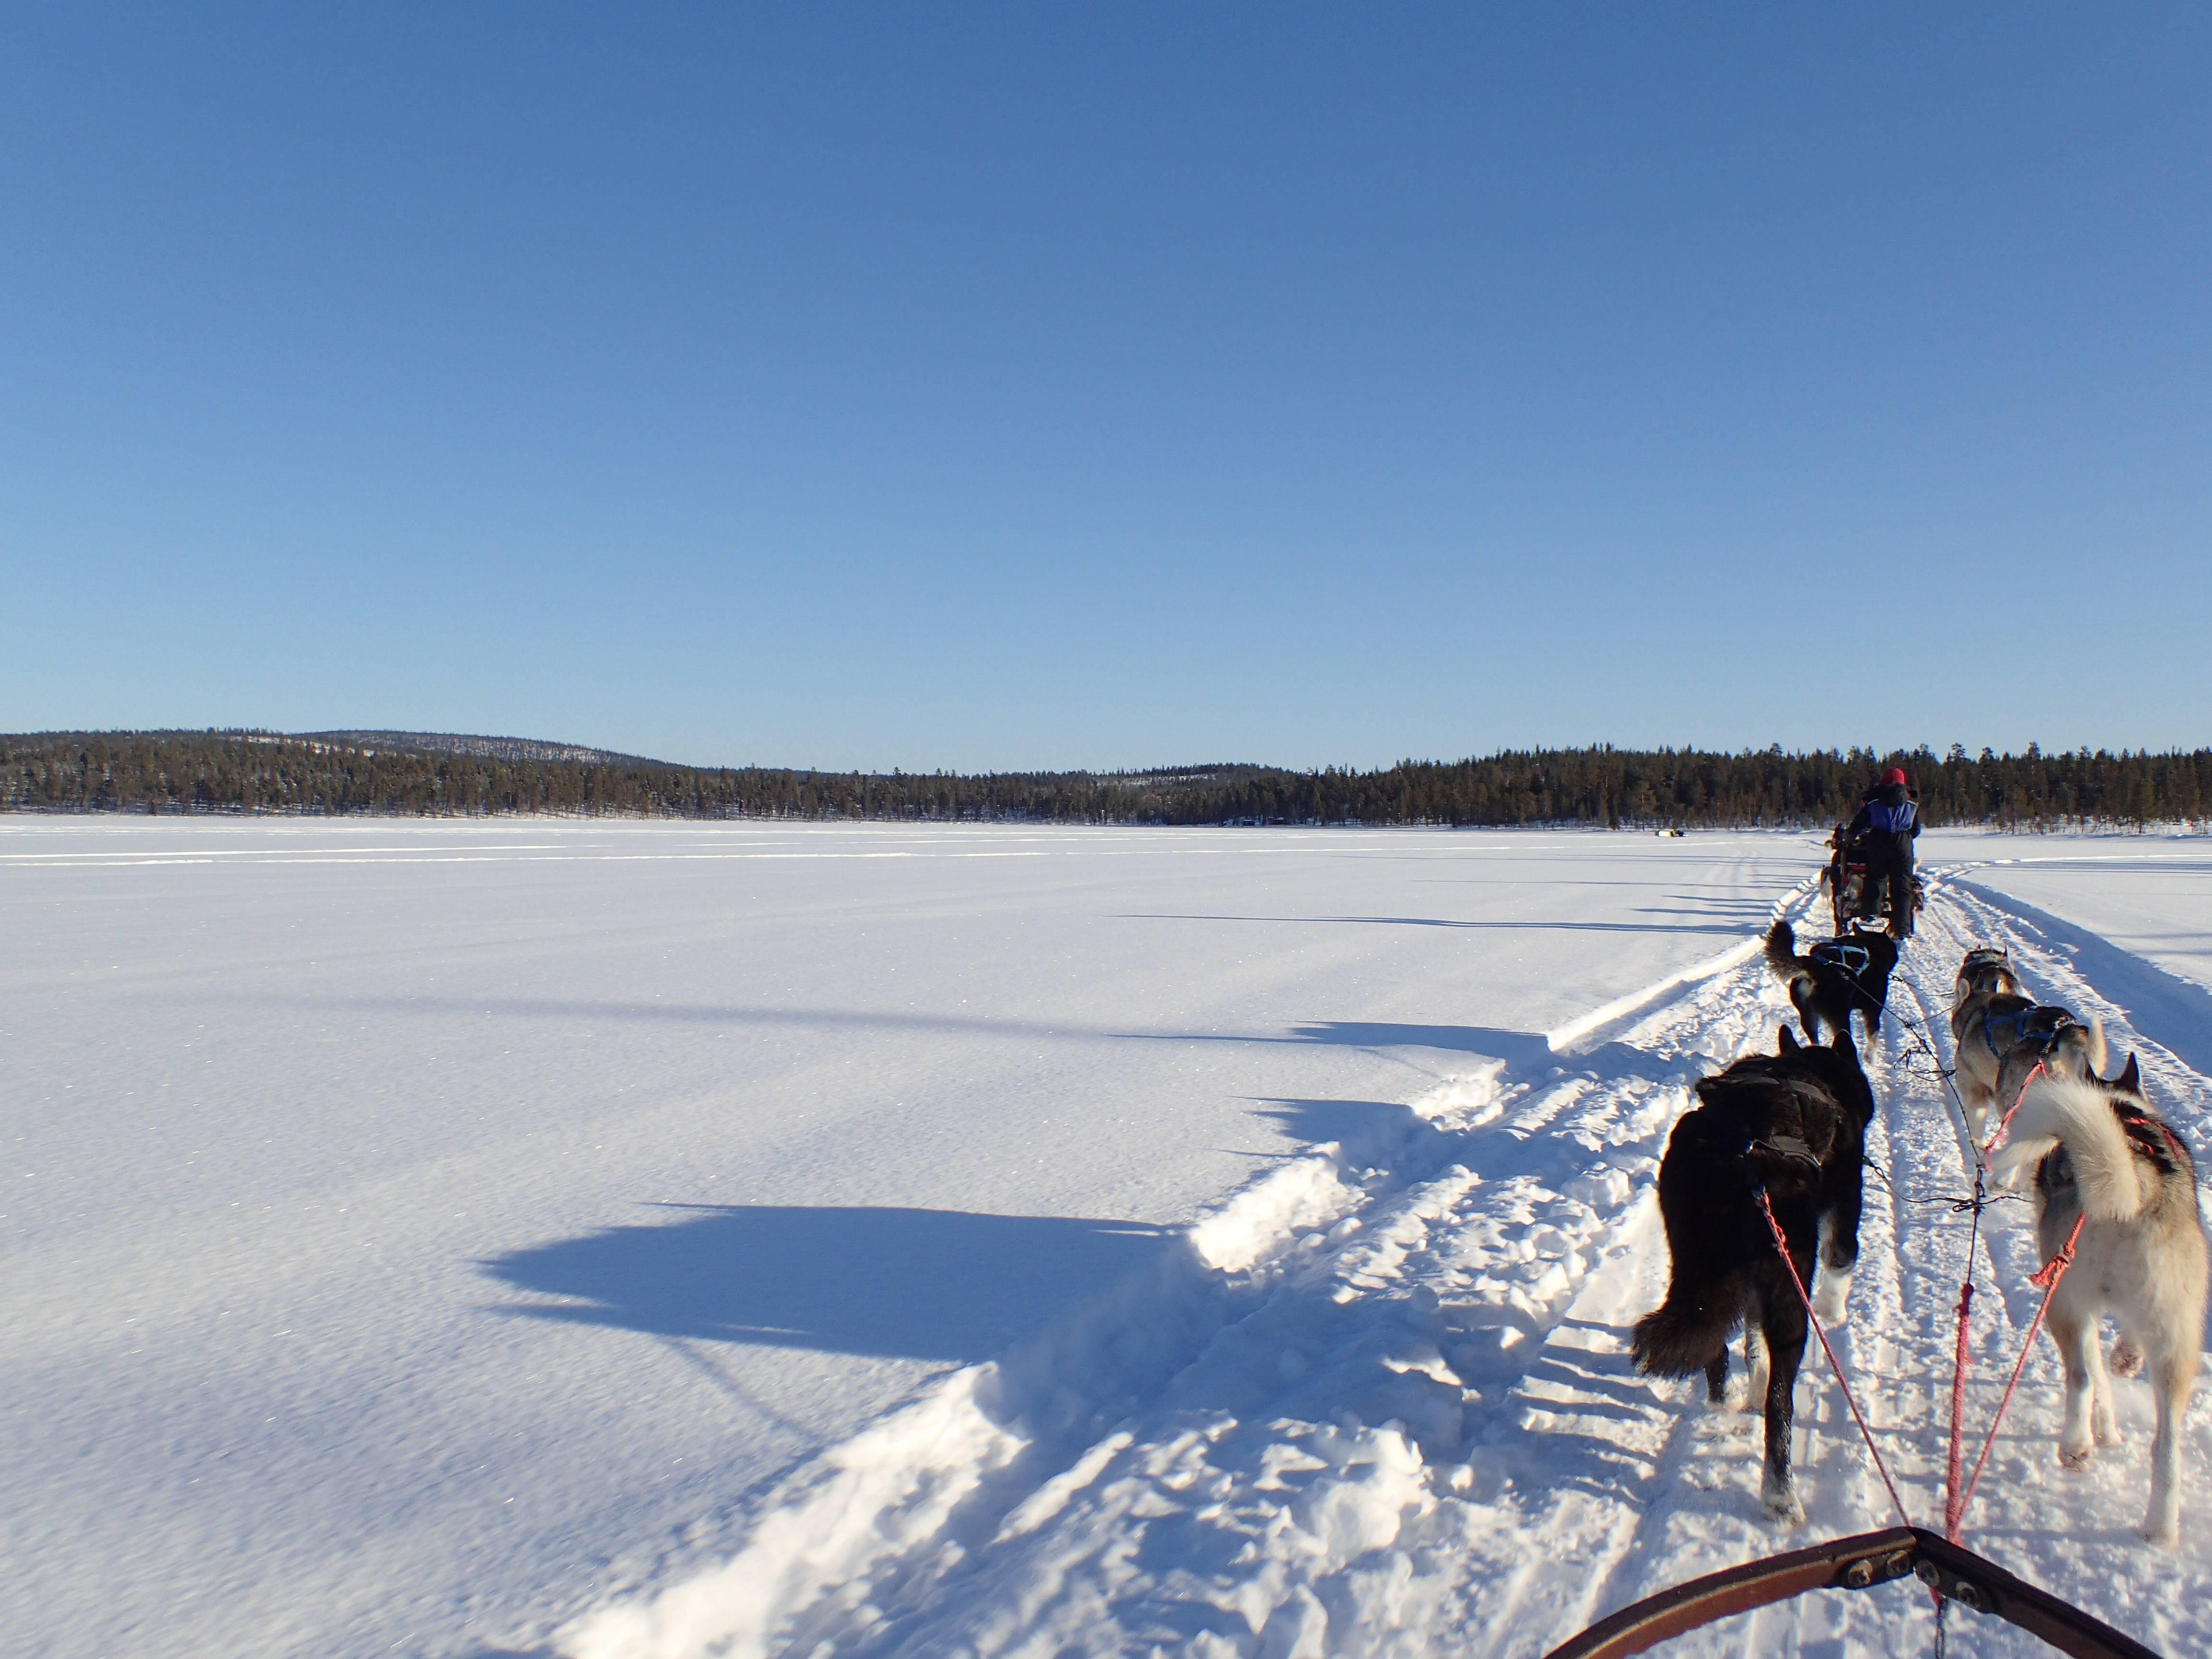 Photo 2: Une sortie en chiens de traineau, une expérience inoubliable !!!